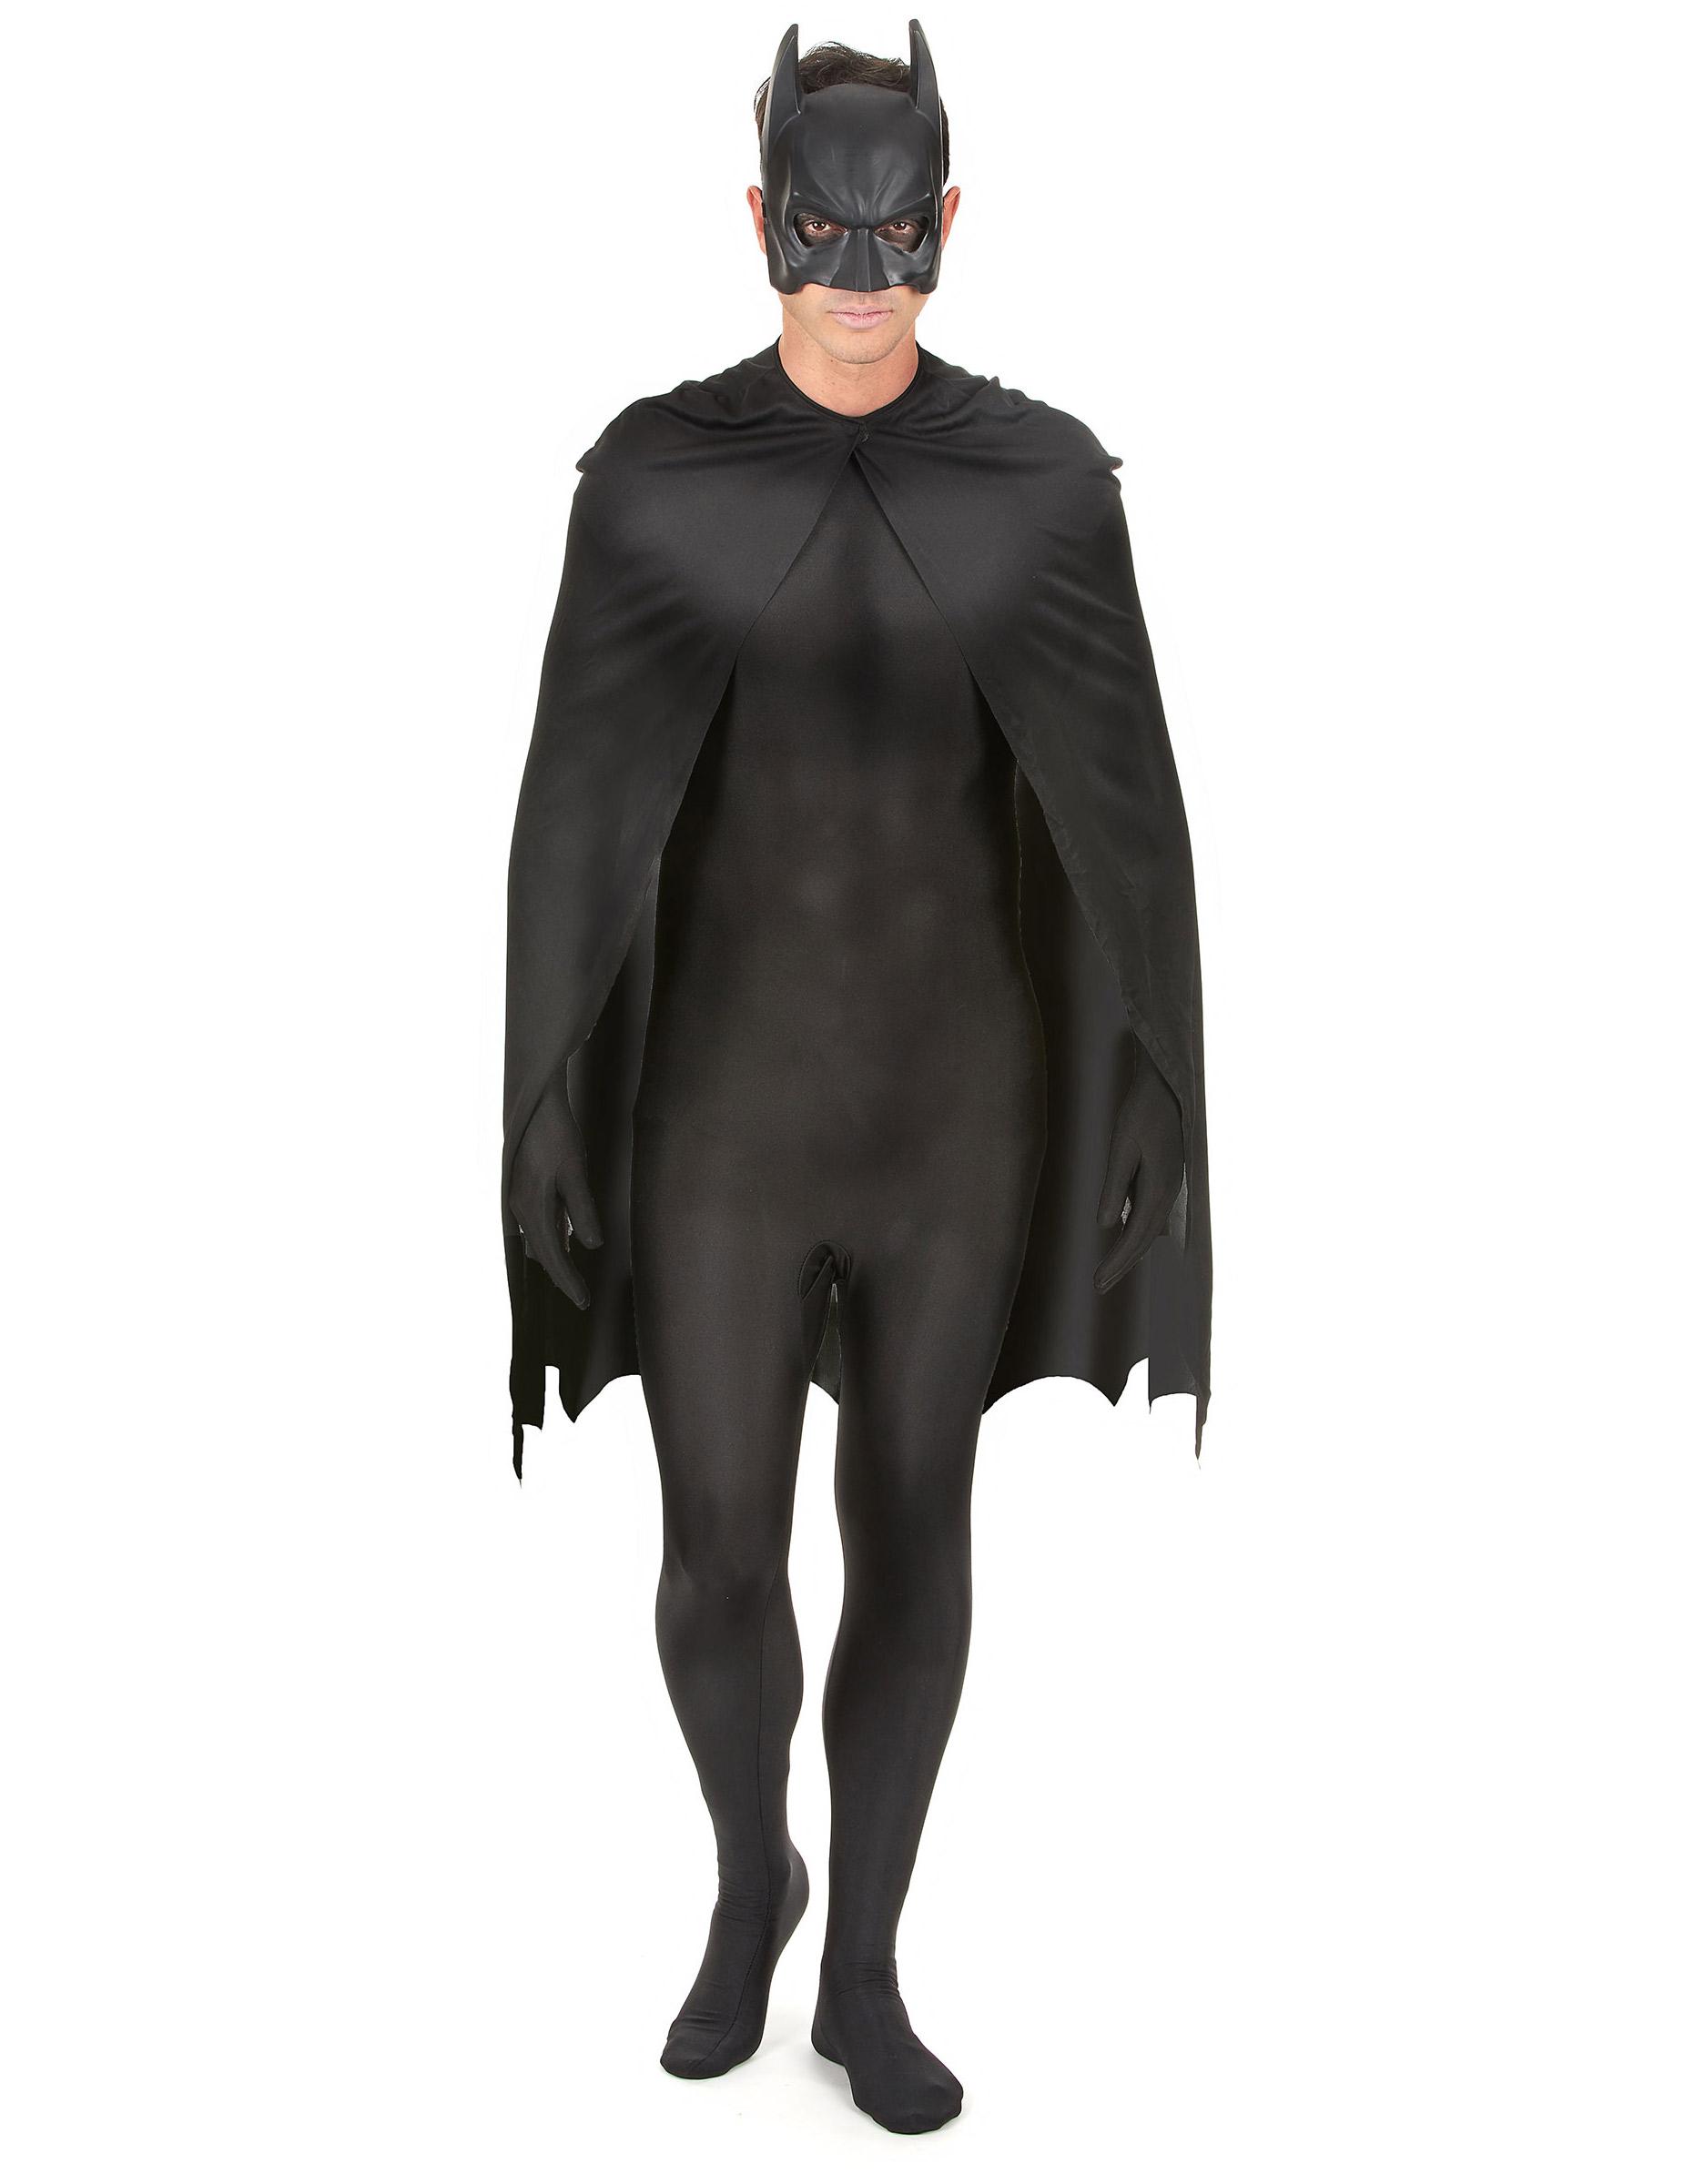 Accessori di Batman per travestimenti - Vegaoo.it a20e6fa571d